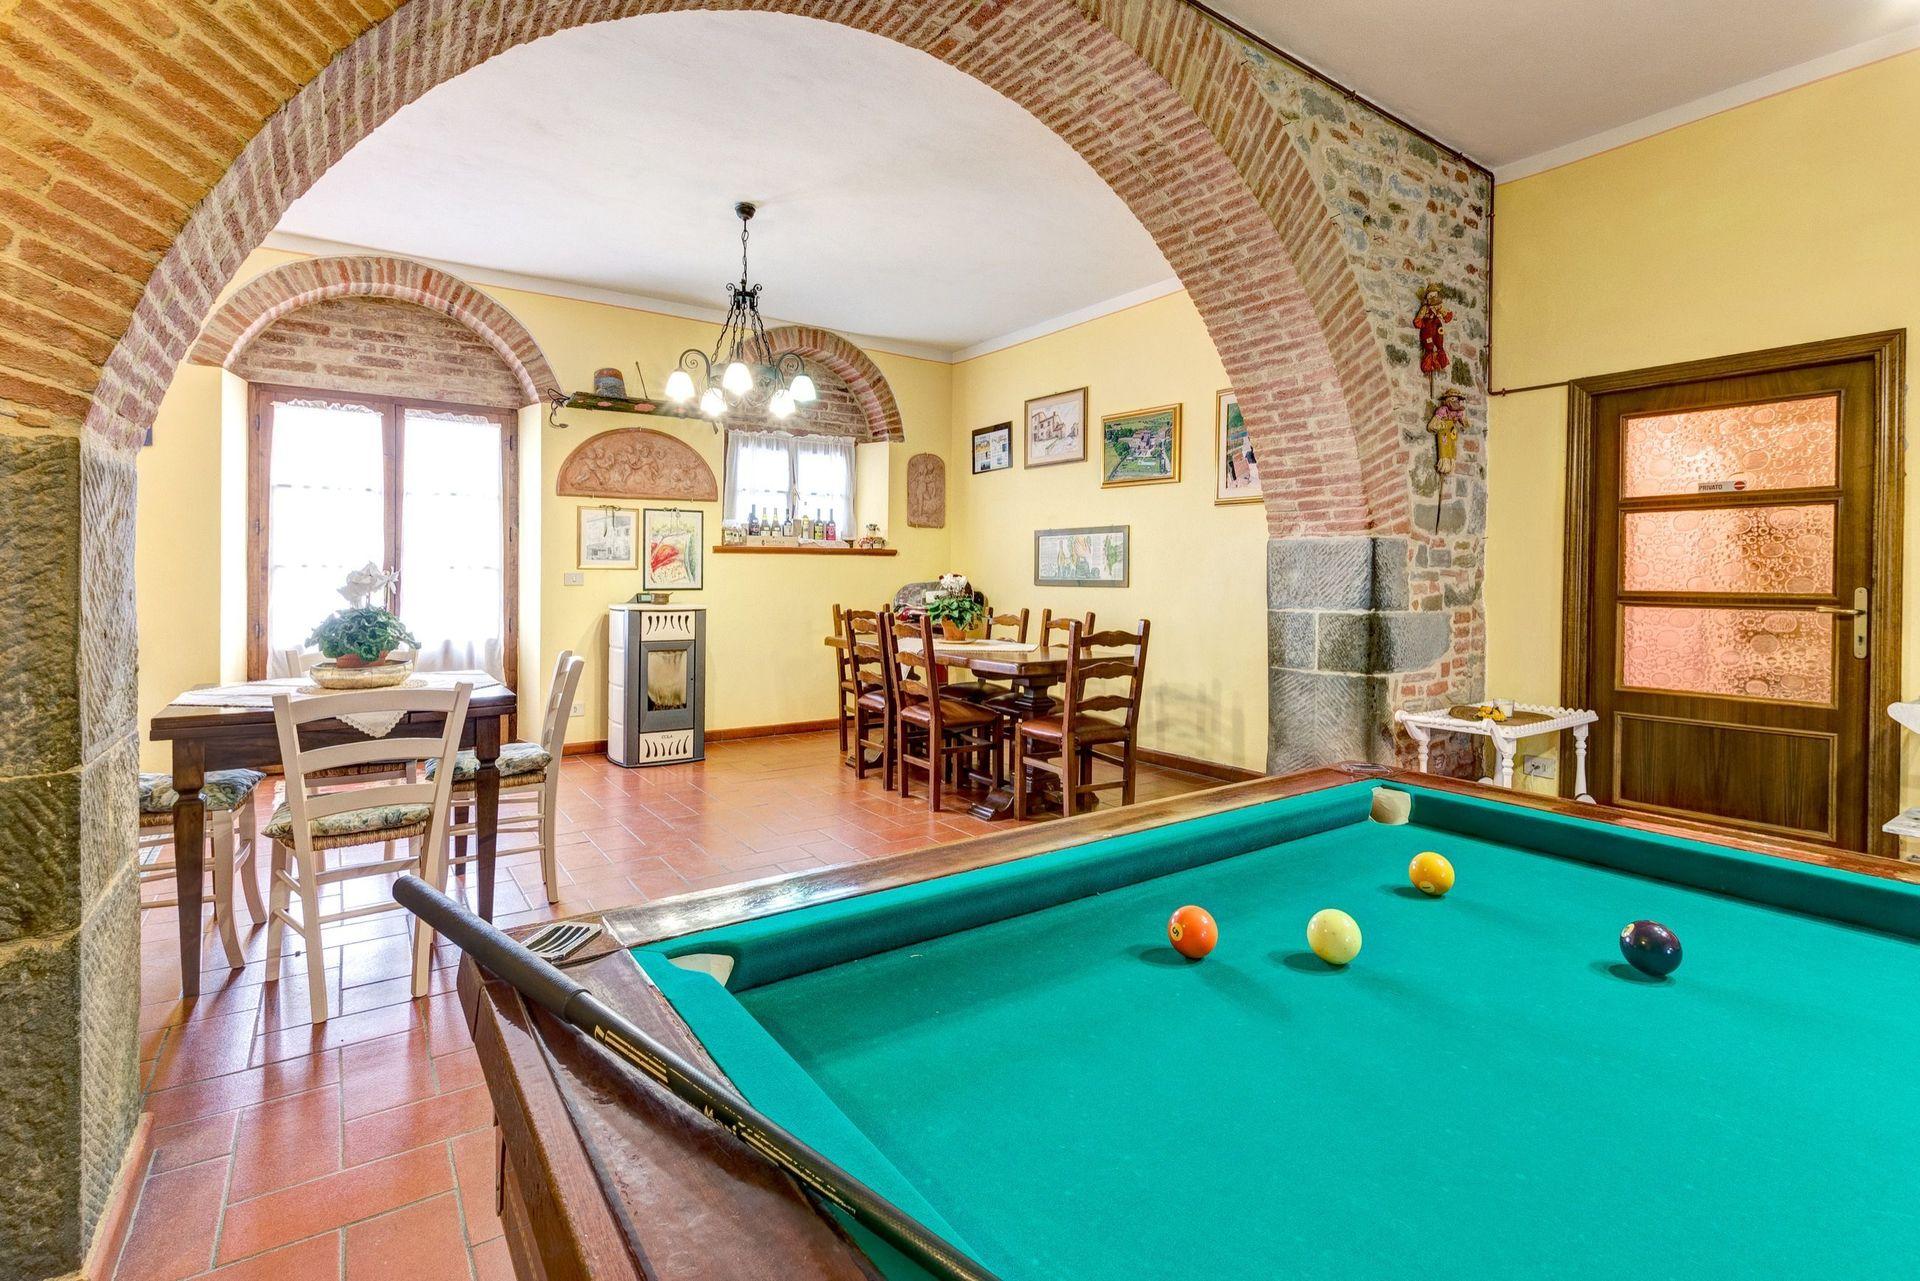 Villa giare casa vacanze con 26 posti letto in 12 camere - Giare da giardino ...